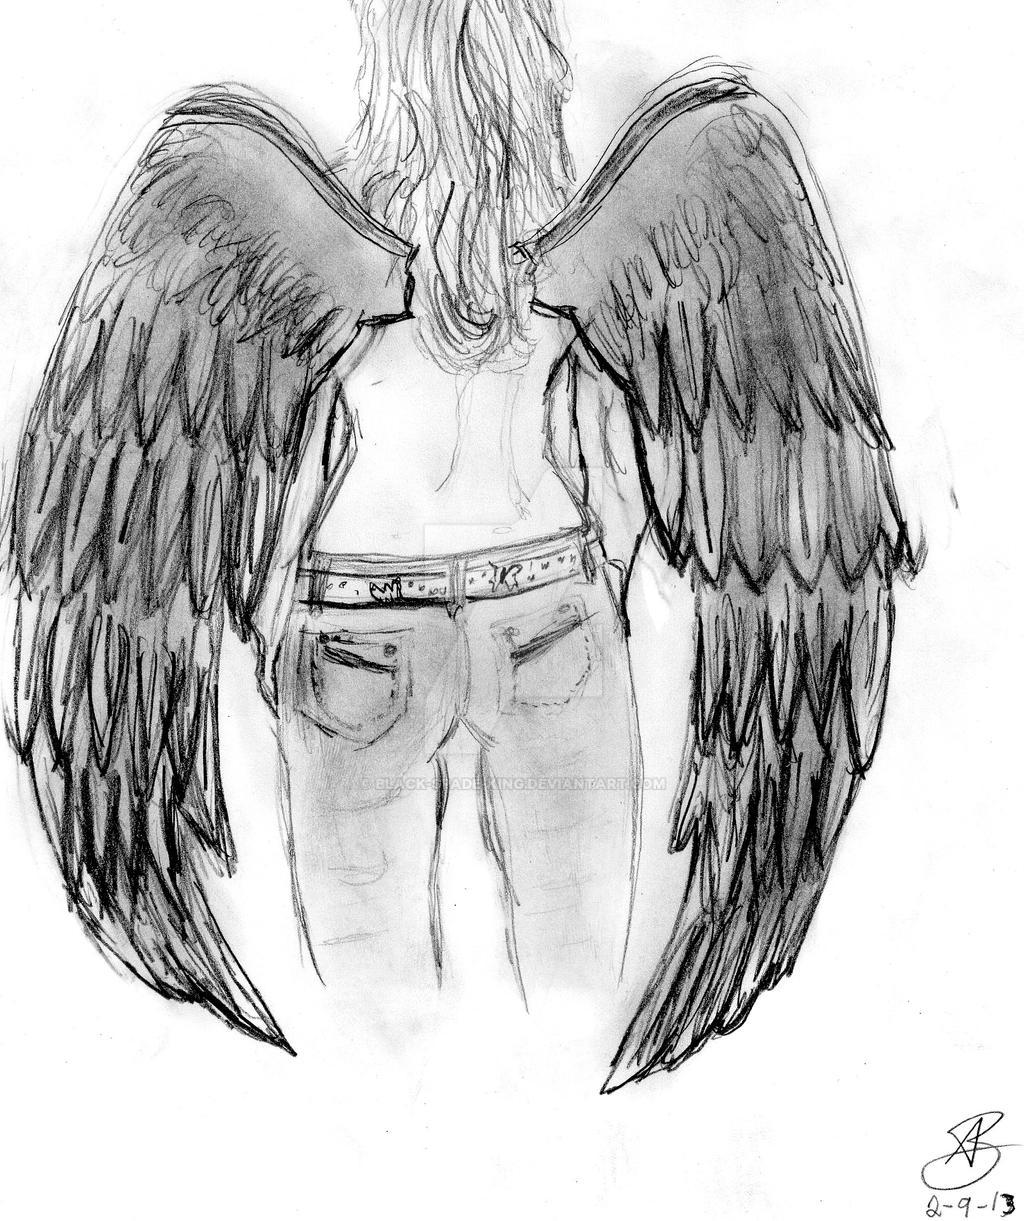 Fallen Angel by black-spade-king on DeviantArt